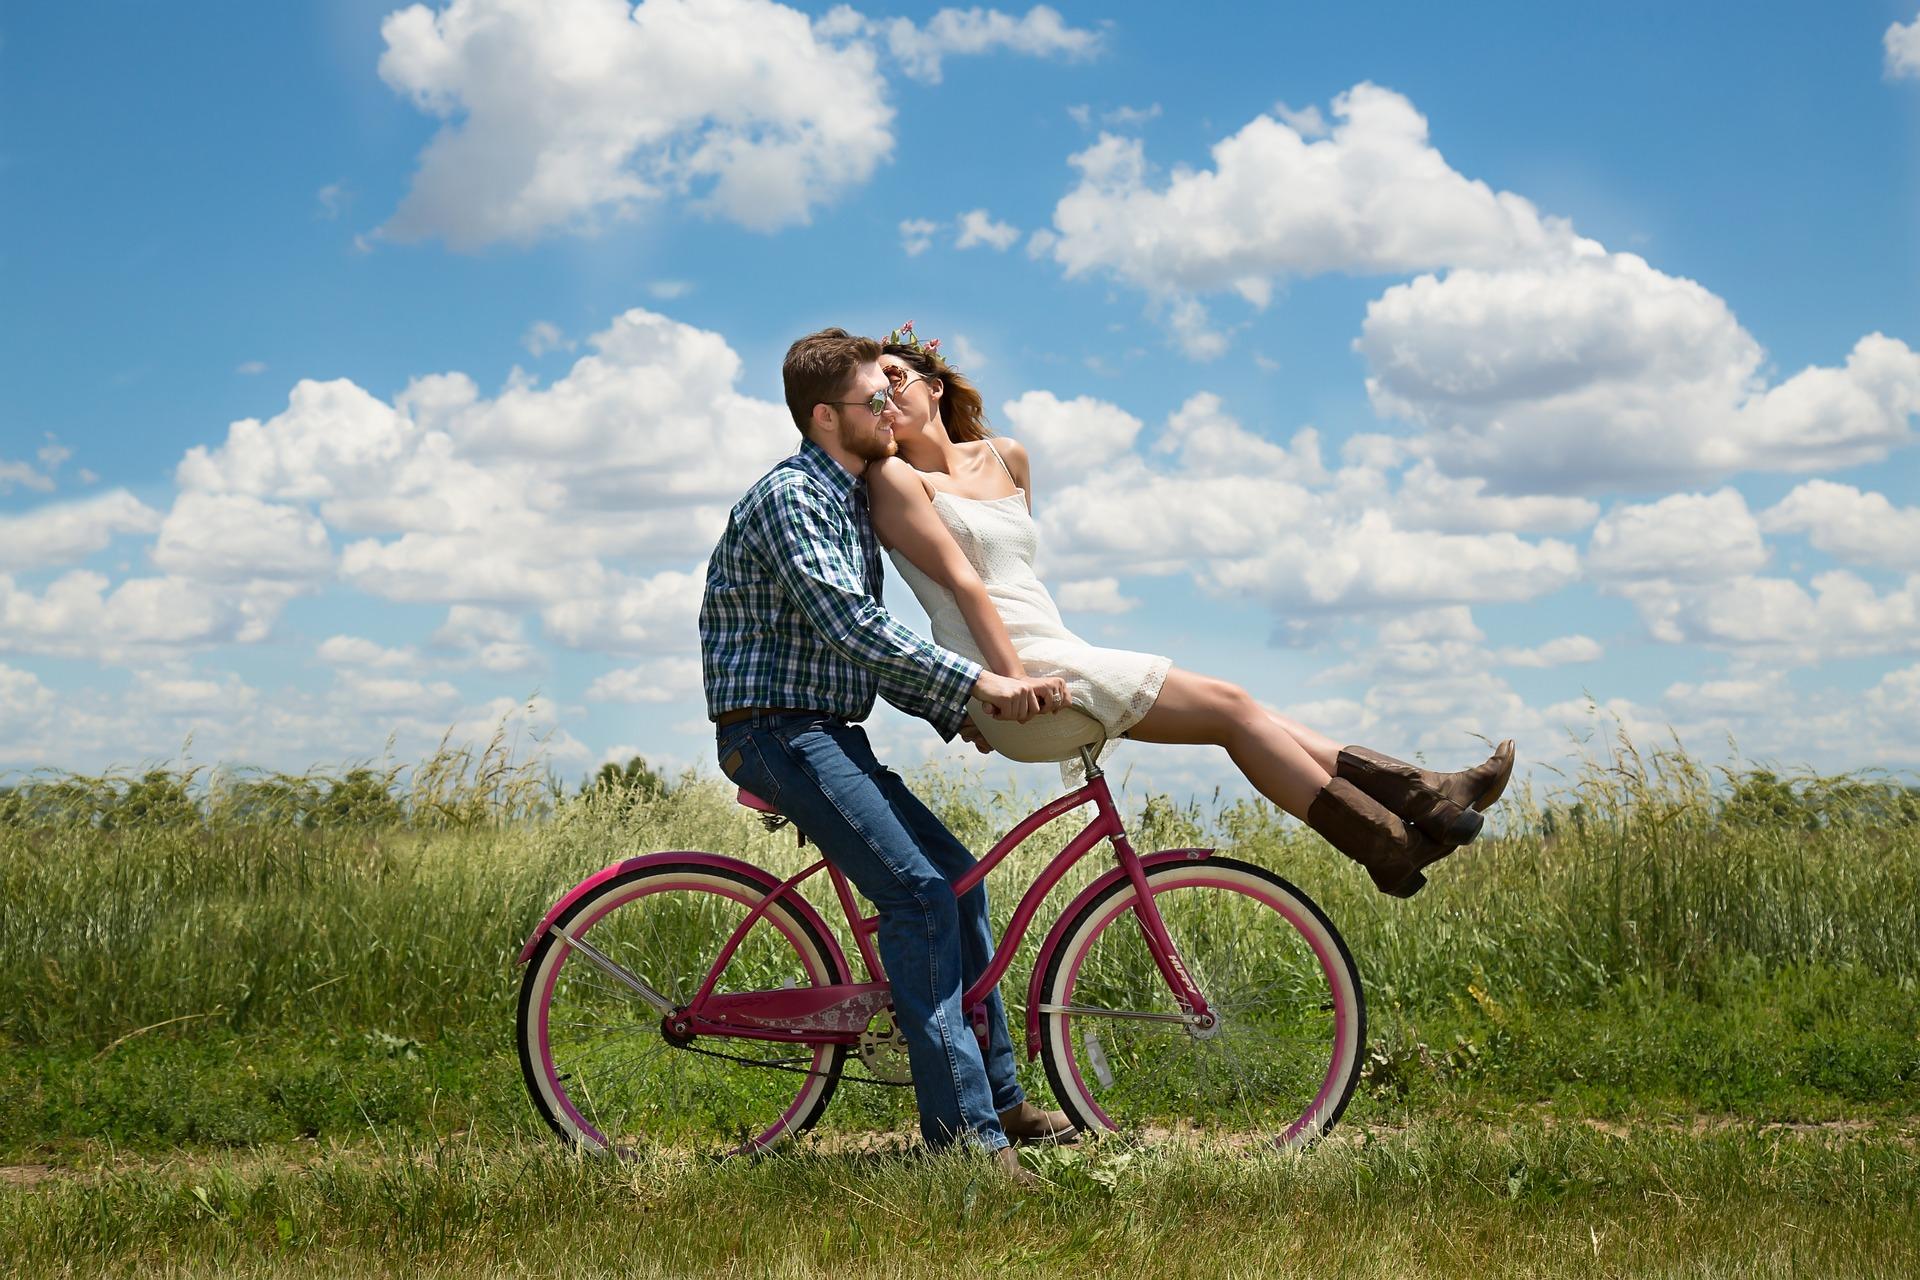 Wycieczka rowerowa - sposób na aktywny weekend